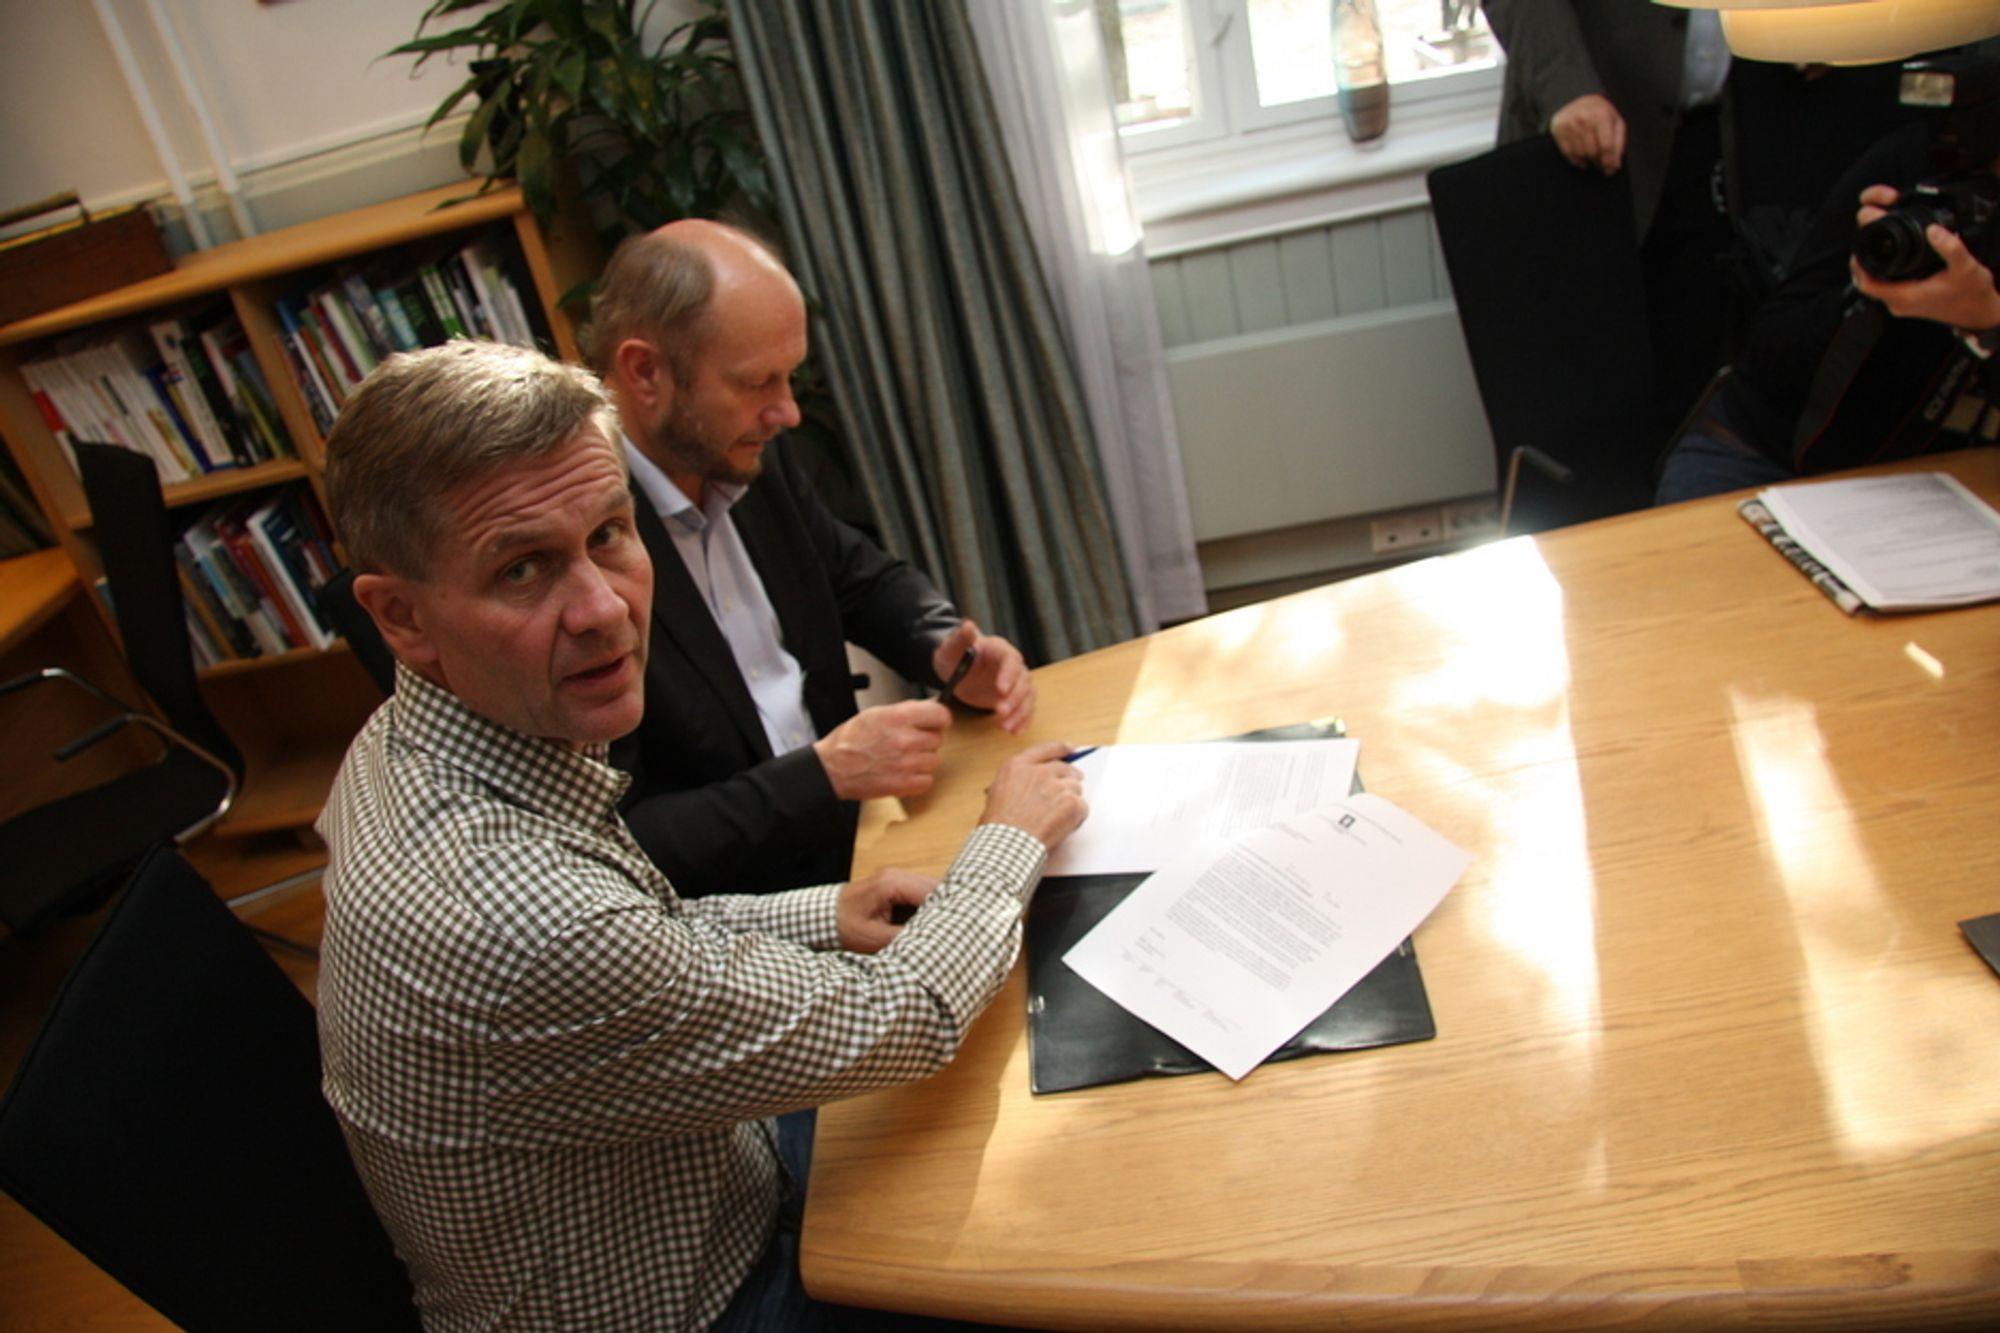 Miljøvernminister Erik Solheim og Stein Lier Hansen fra Norsk Industri signerer avtale om utslippskutt i prosessindustrien.